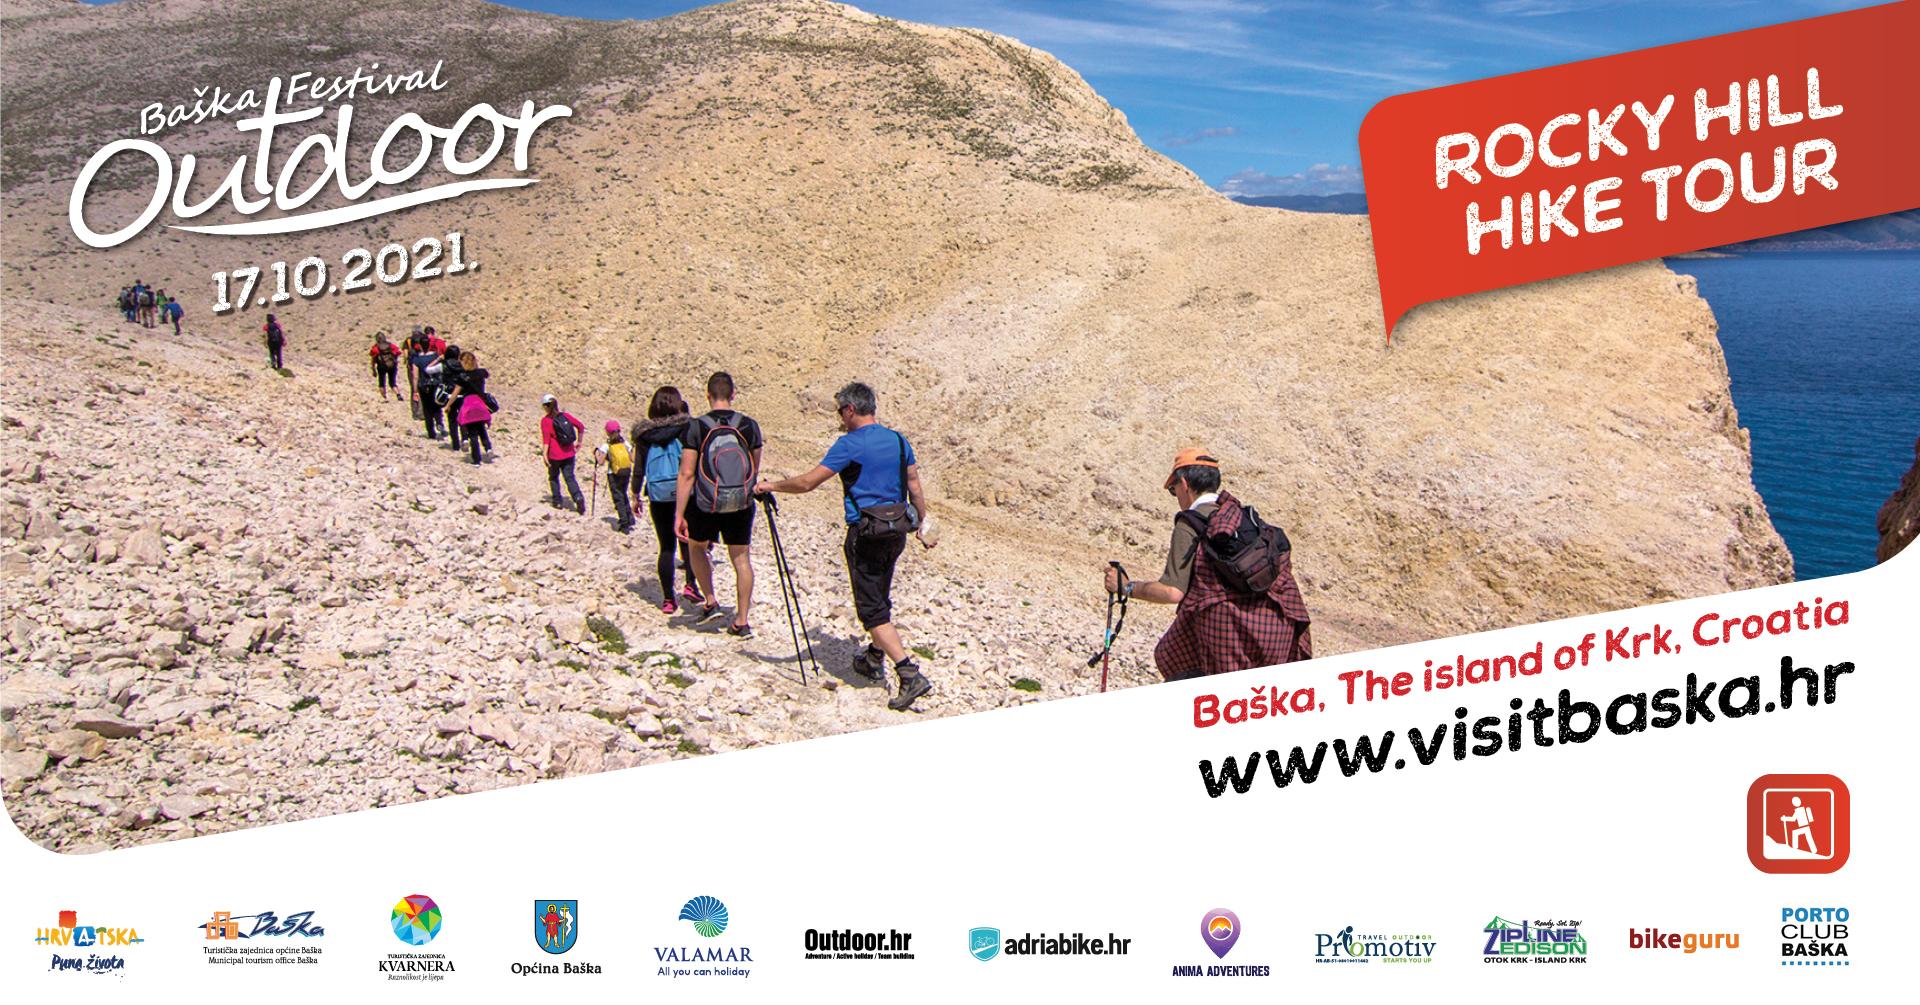 facebook_event Baska Outdoor 1920x1005 pix_hike.jpg